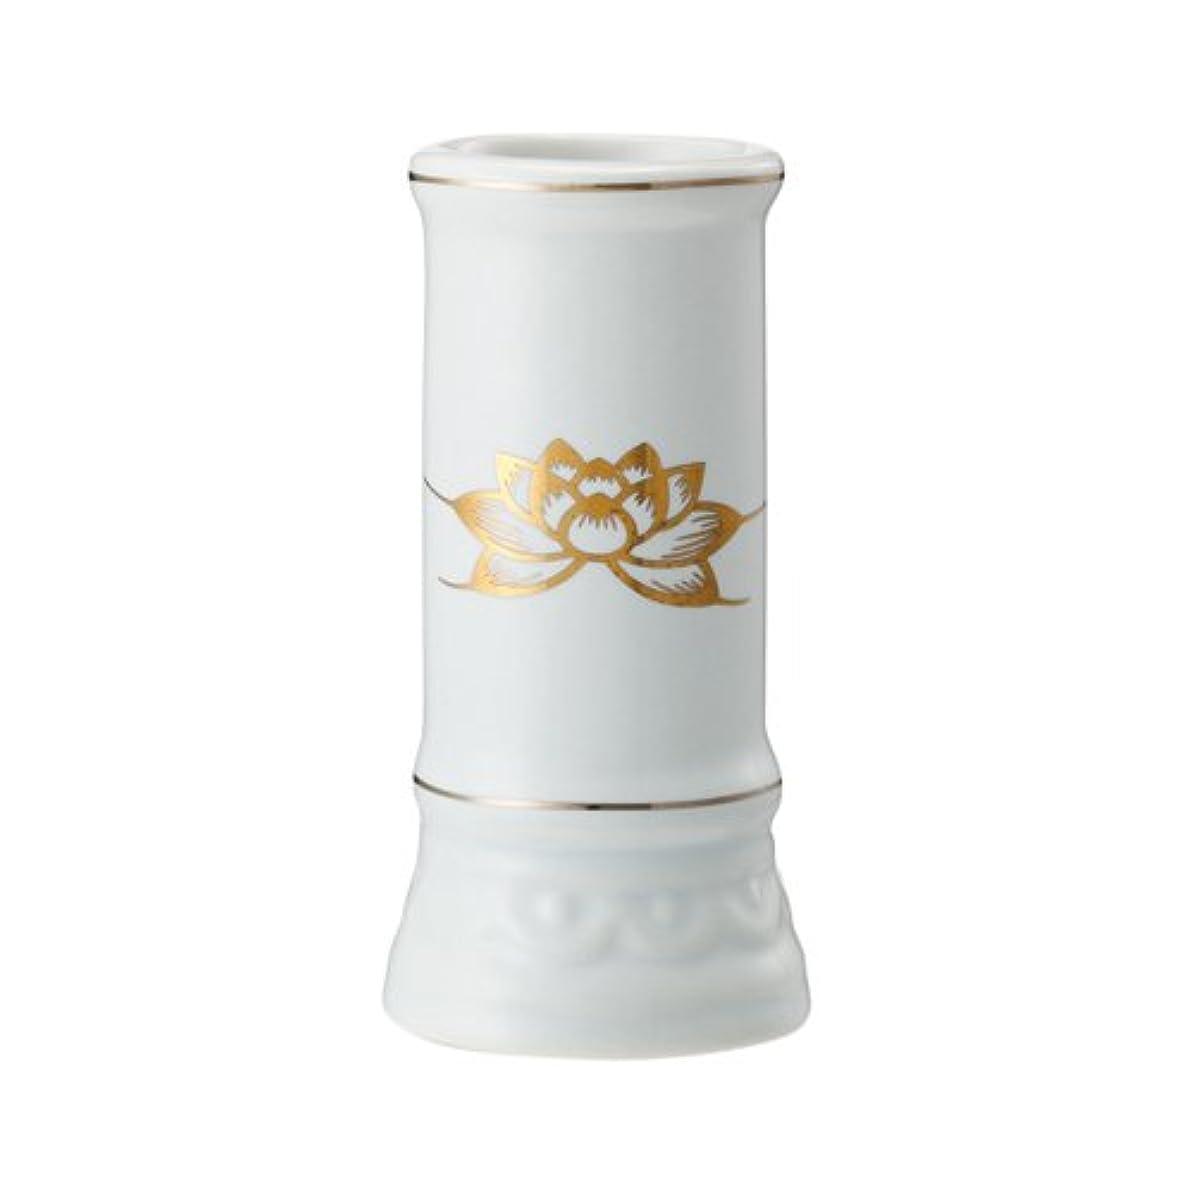 元気な宇宙飛行士オープニング日本香堂 線香立て ミニ陶器白磁